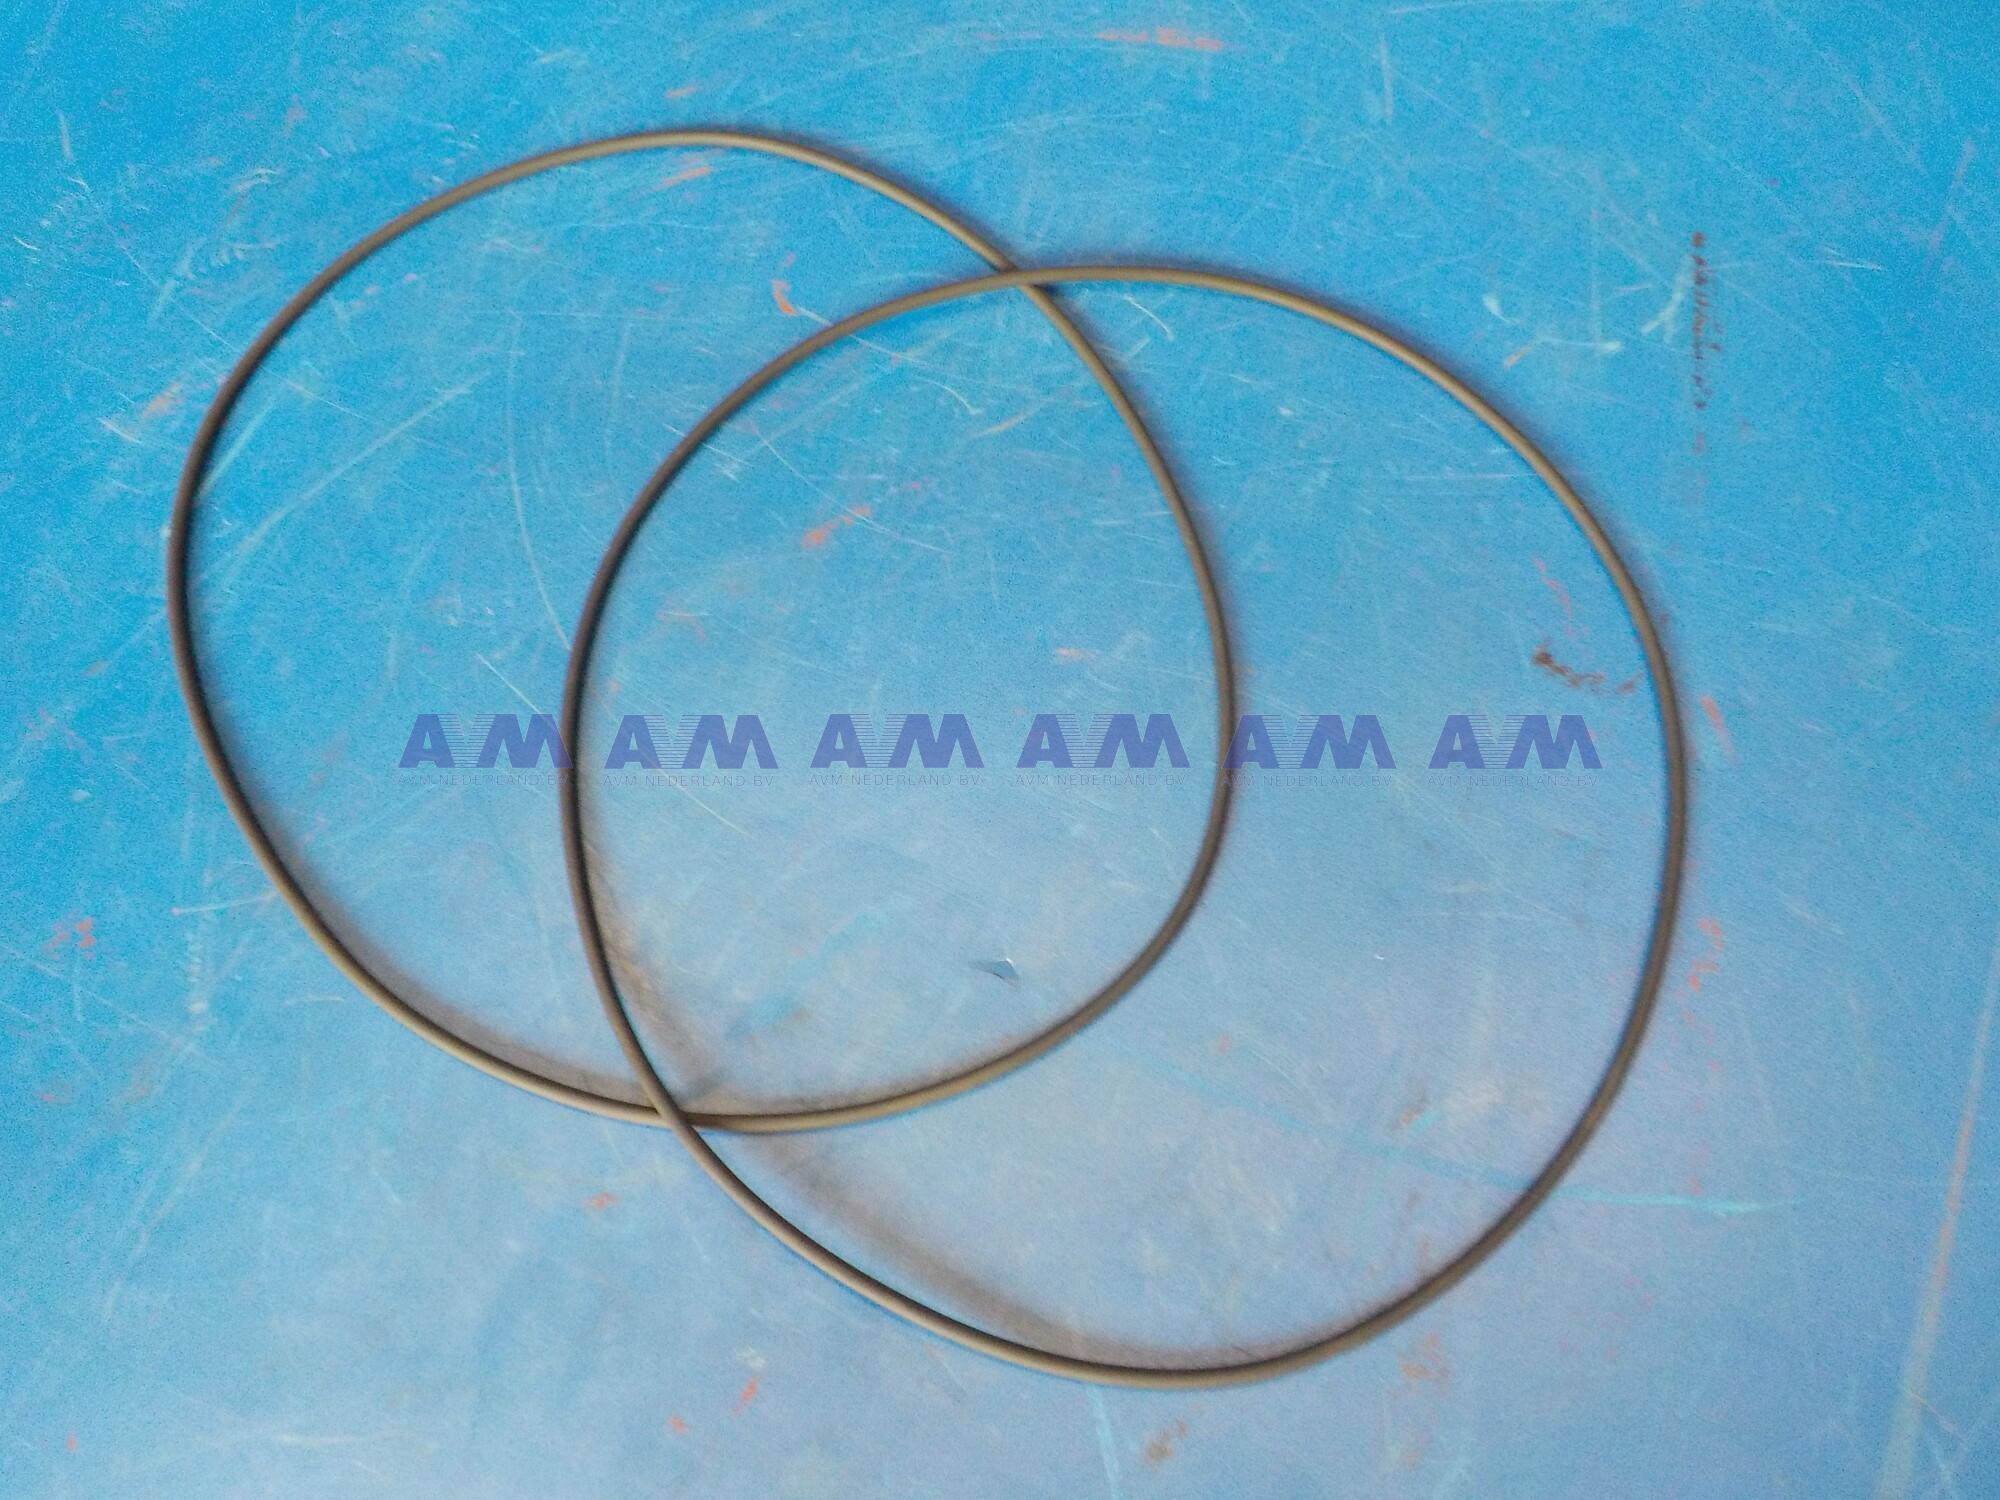 O-ring OR210x3 Kessler